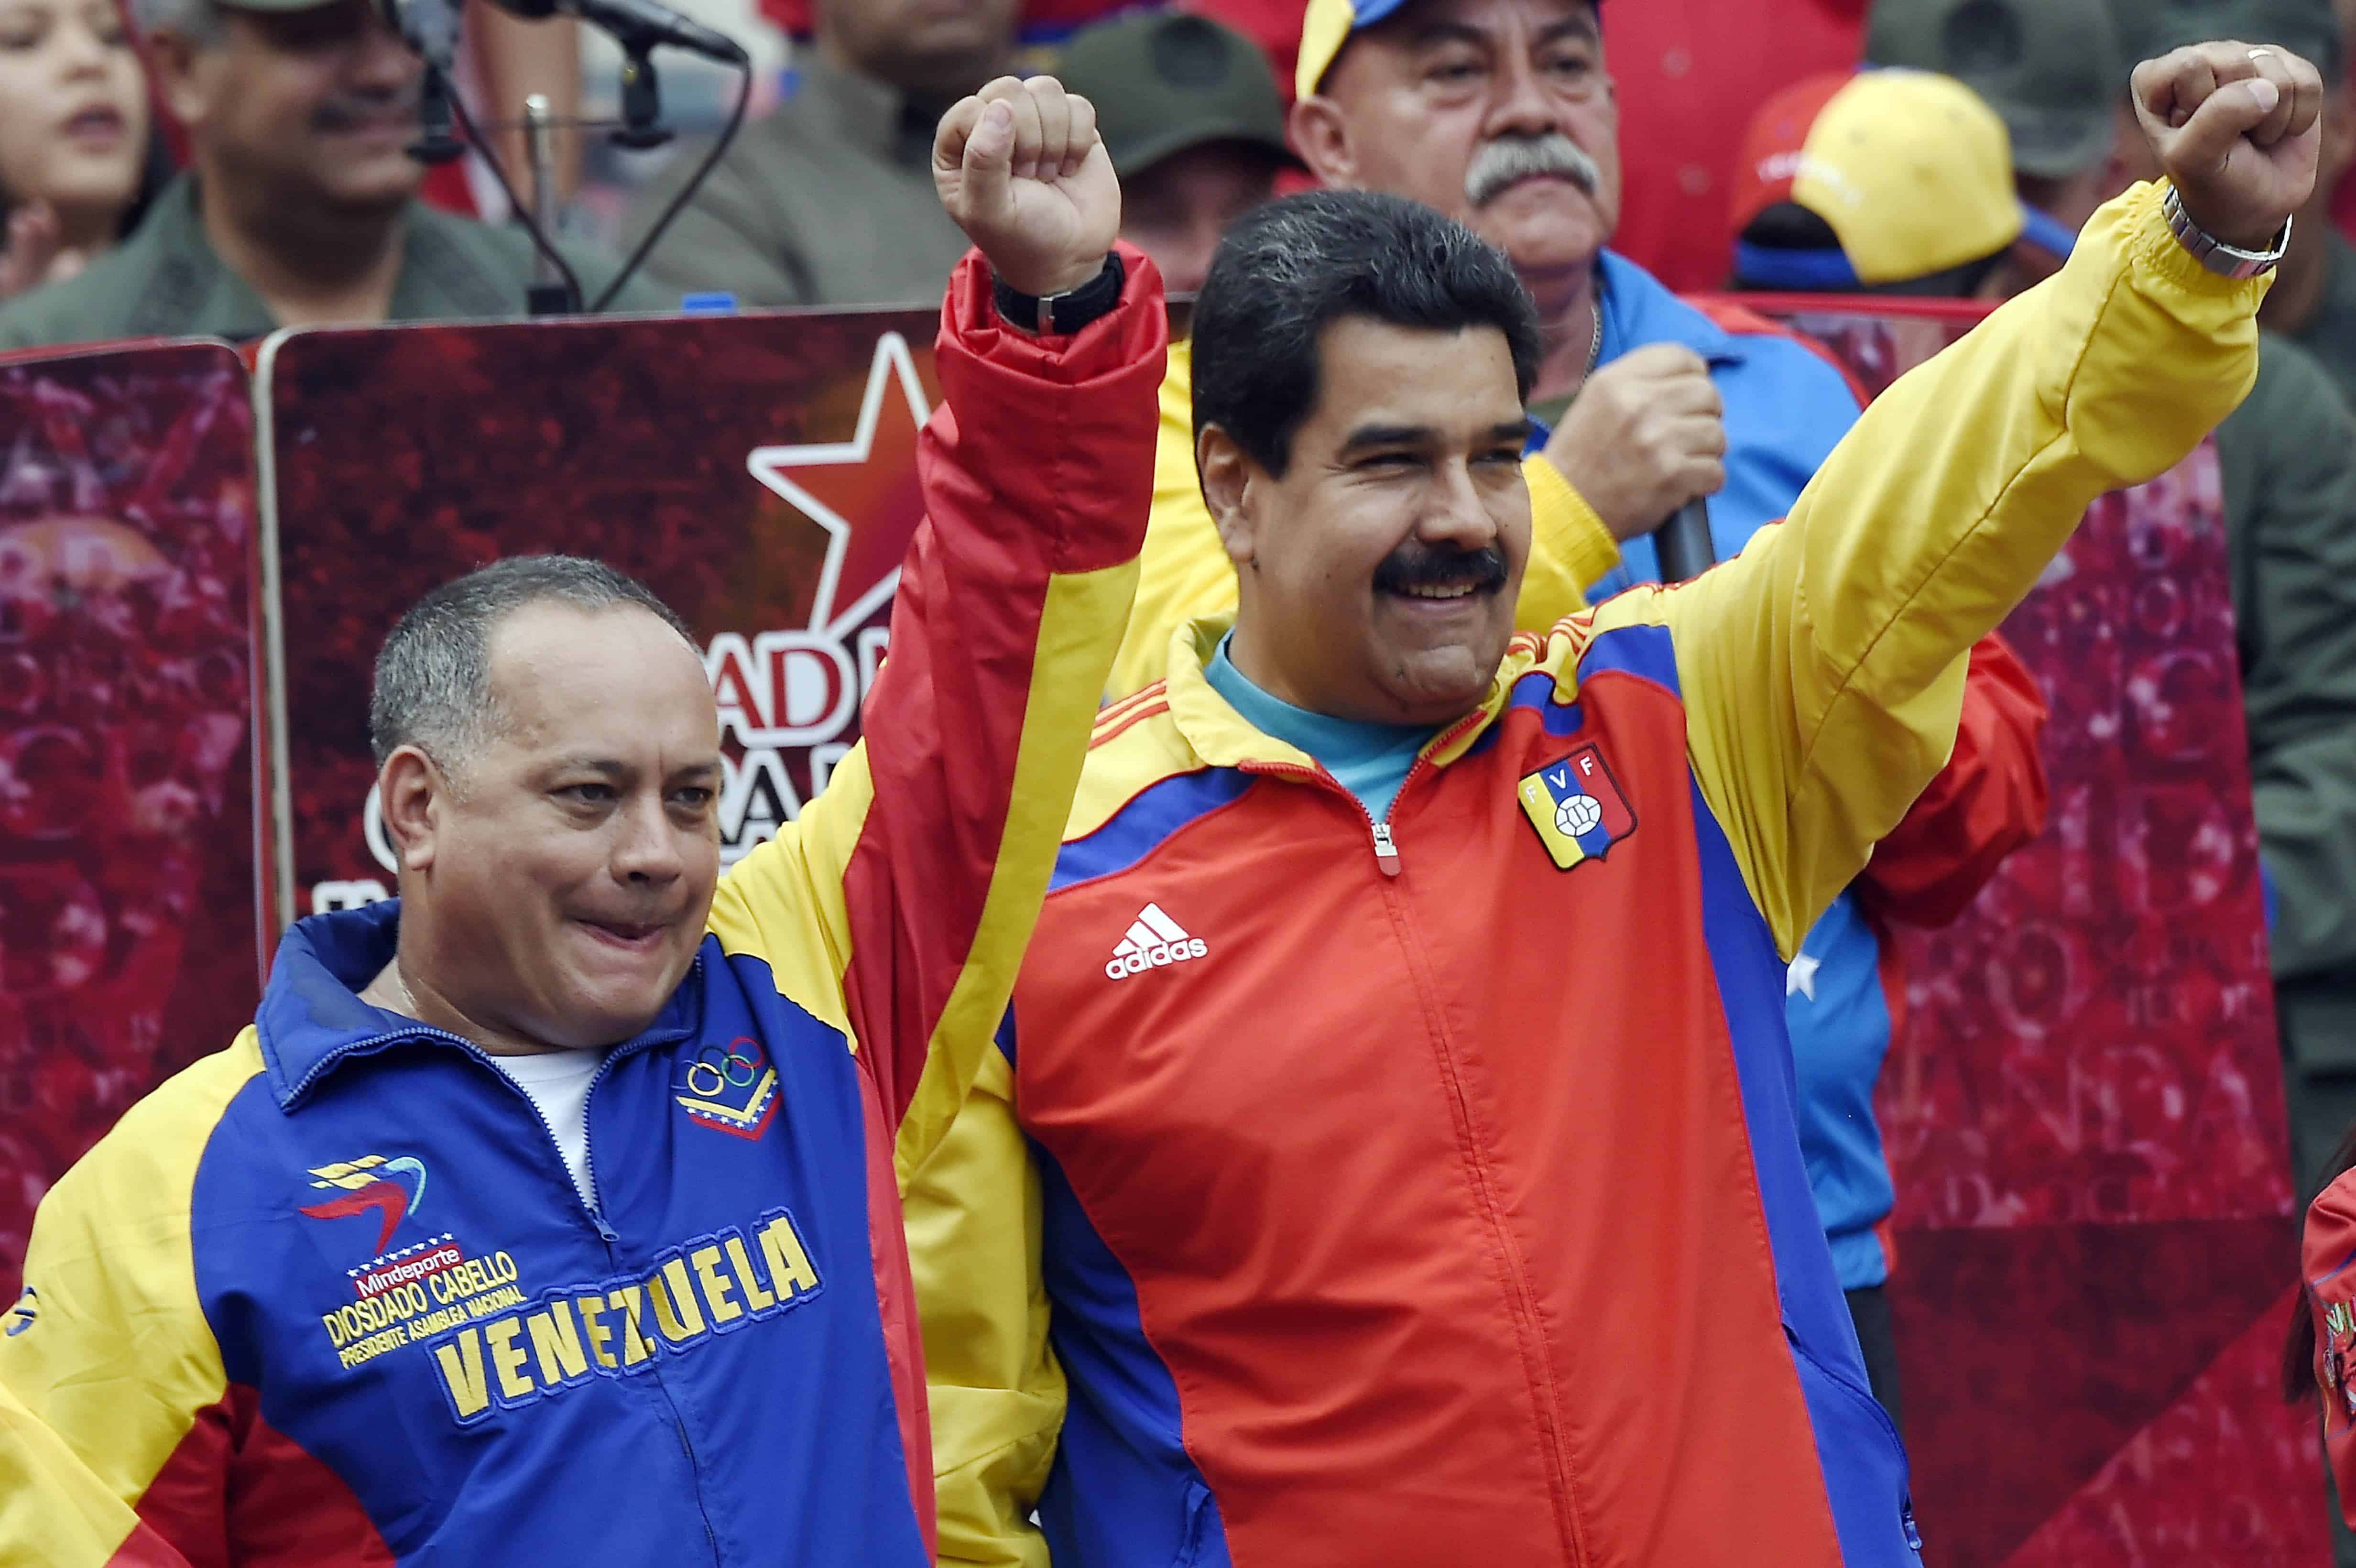 Venezuela's Nicolás Maduro and Diosdado Cabello.